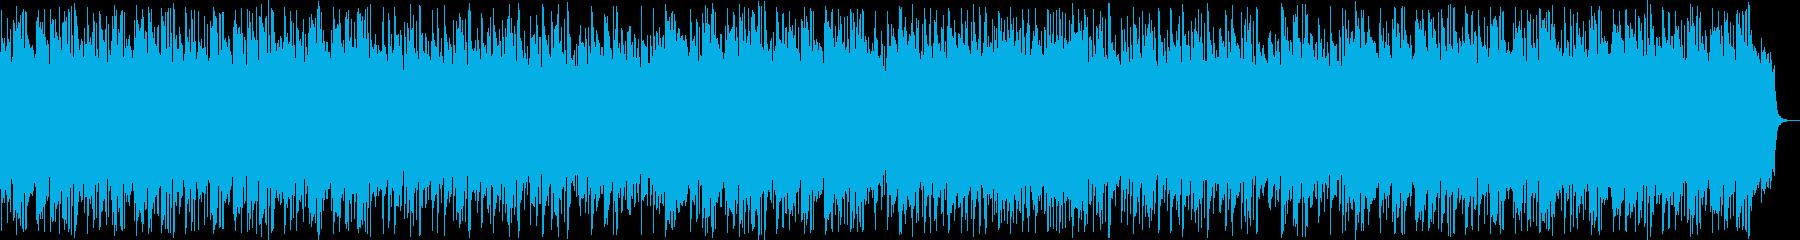 美しい和風三味線・シンセサウンドの再生済みの波形